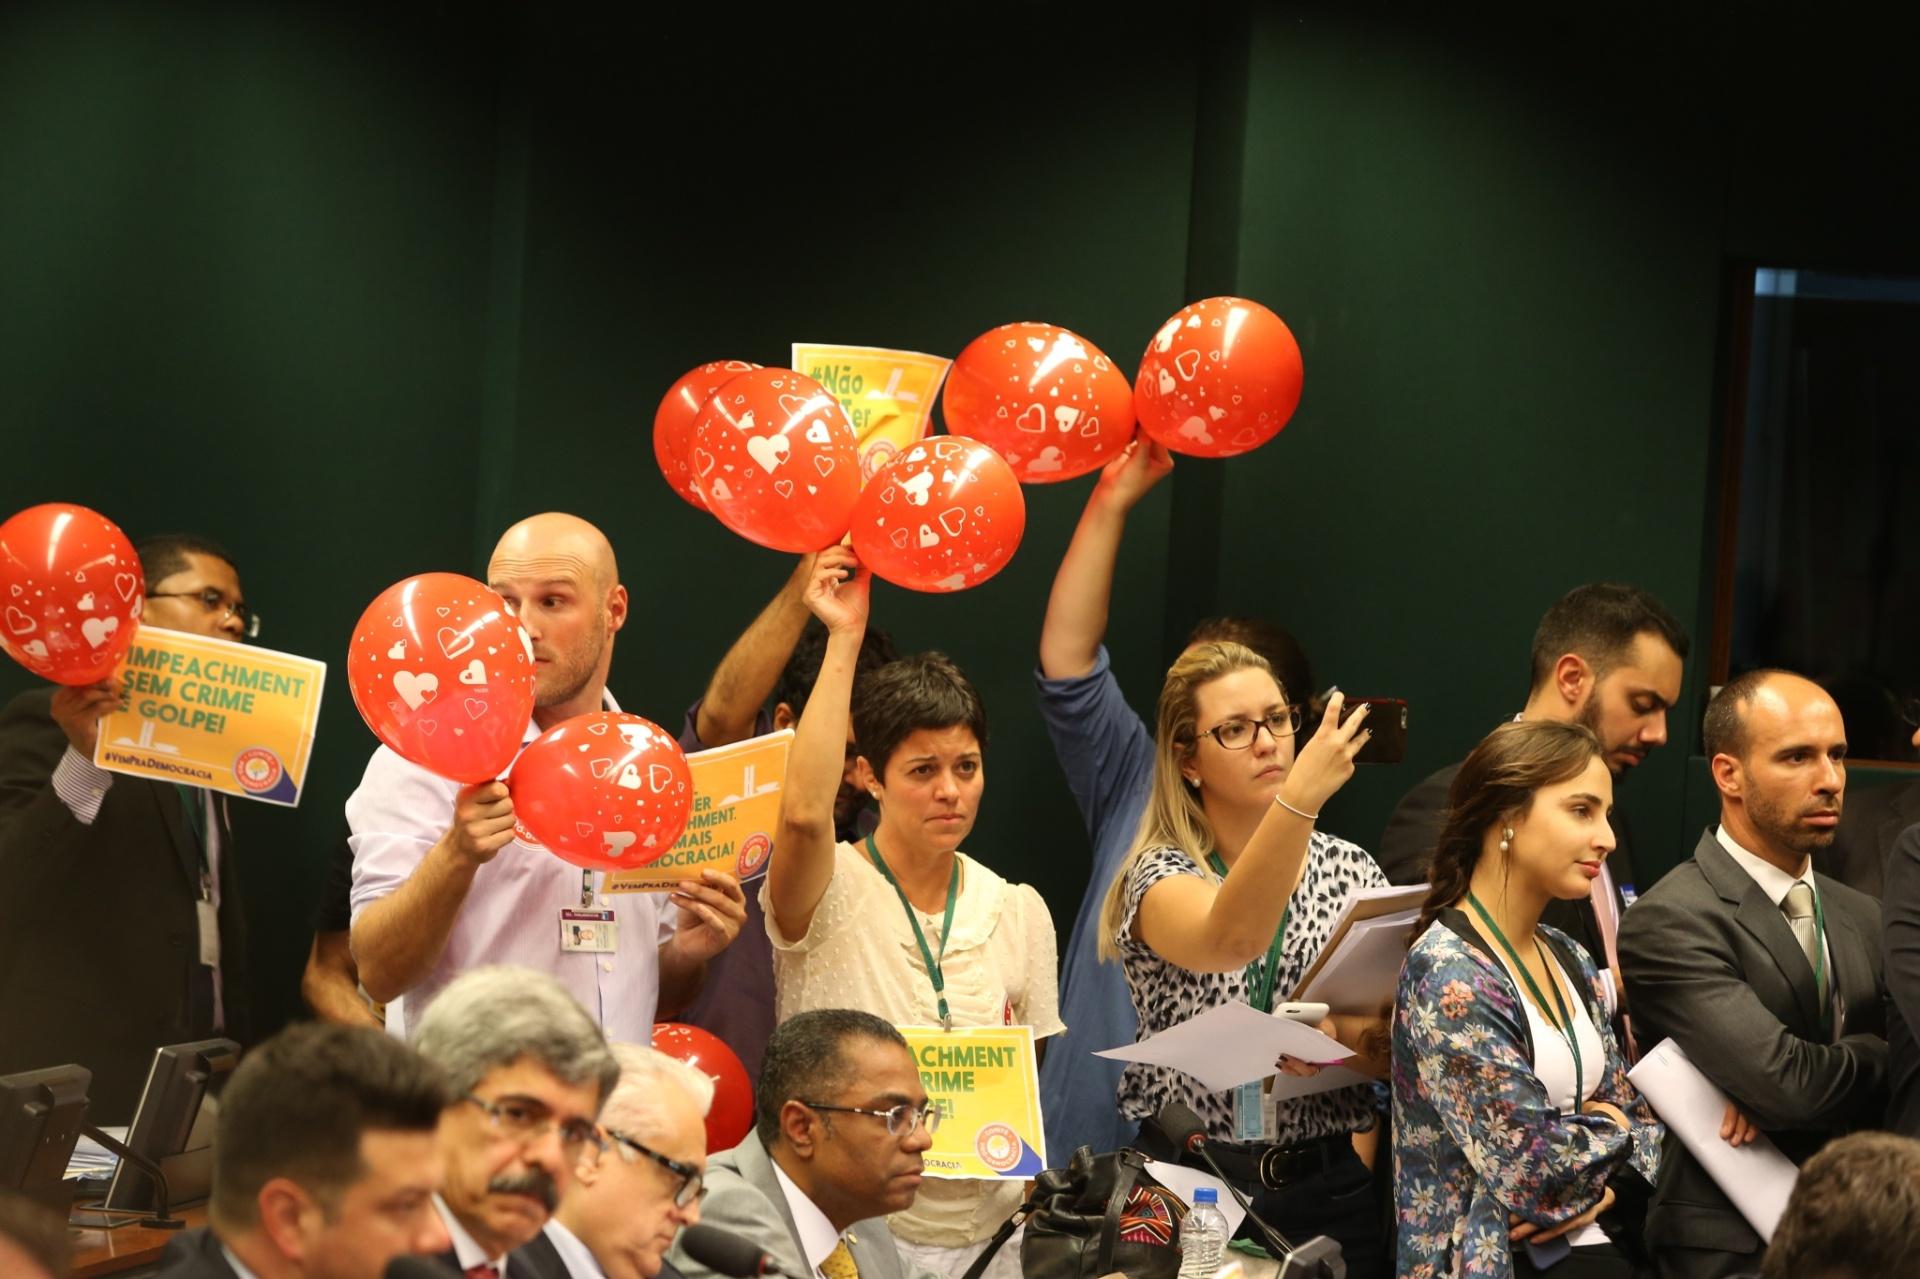 04.abr.2016 - Manifestantes pró-governo agitam balões vermelhos e exibem cartazes enquanto o advogado-geral da União, José Eduardo Cardozo, apresenta a defesa da presidente Dilma Rousseff à comissão especial que avalia o pedido de impeachment da mandatária na Câmara dos Deputados, em Brasília